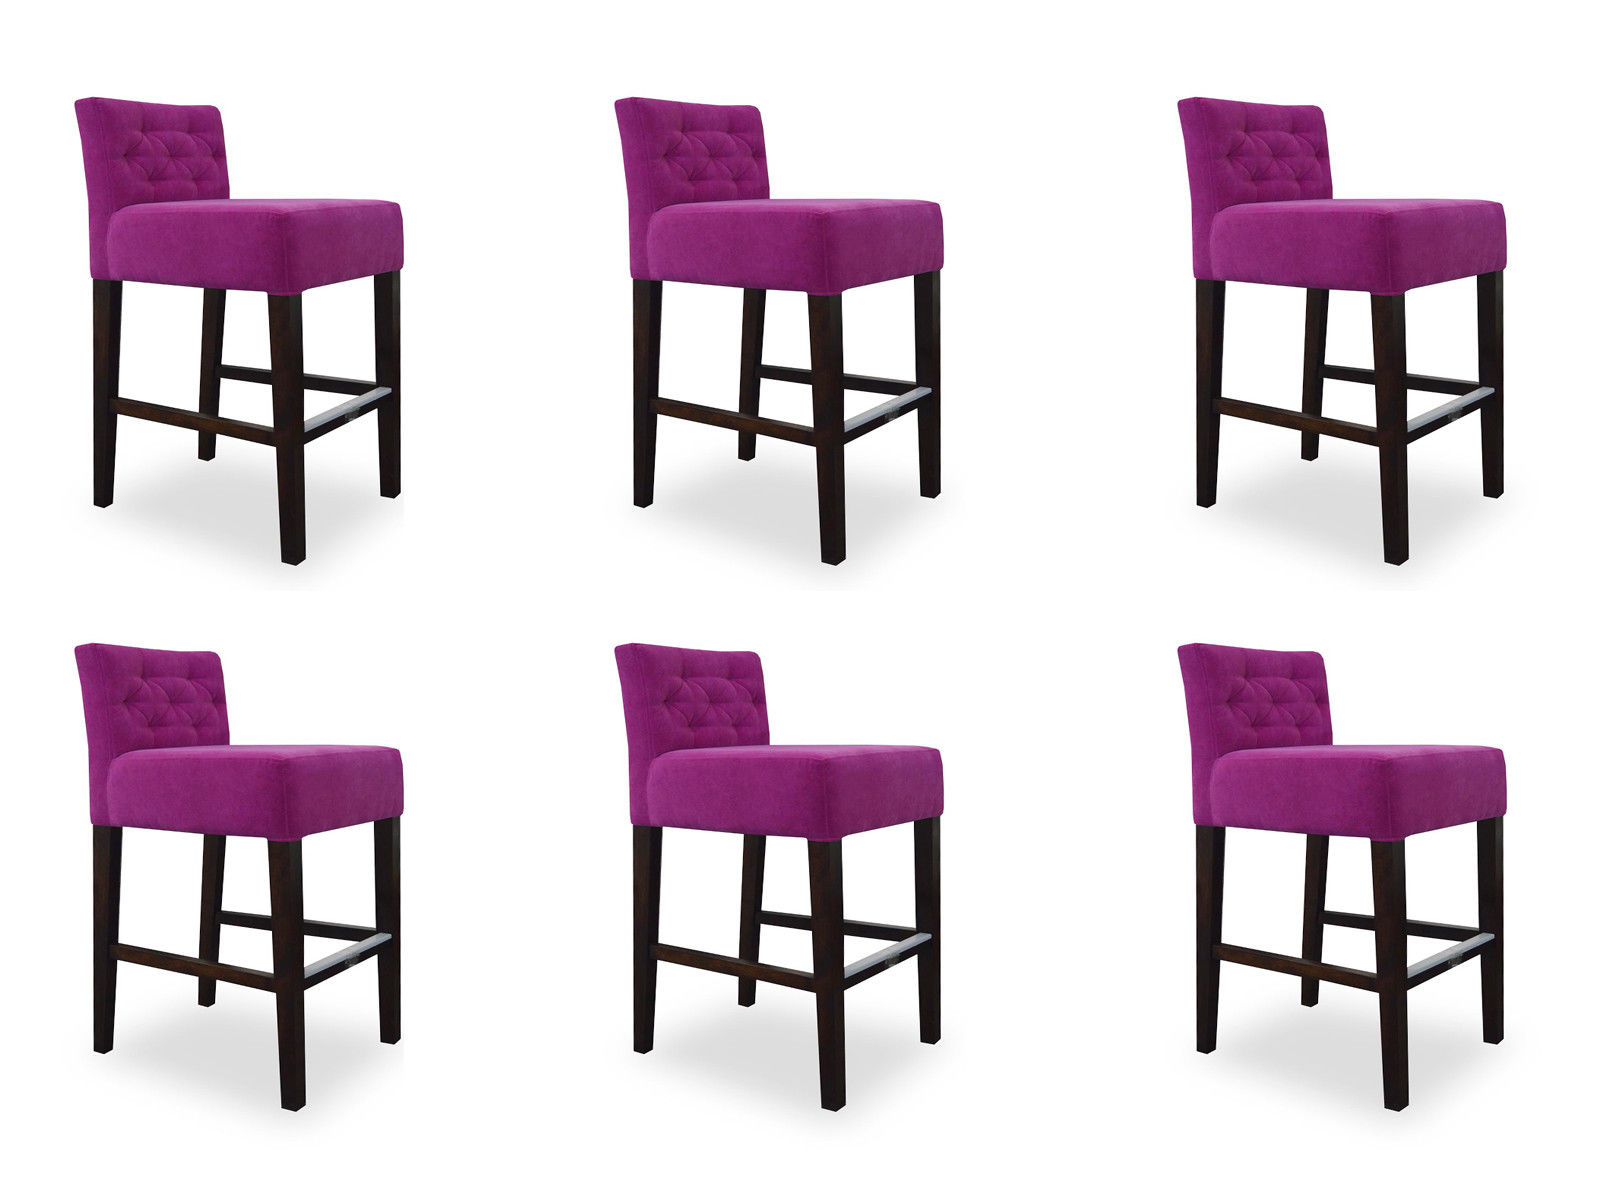 6 Er Set Barhocker Hocker Esszimmer Stuhl Stühle Bar Günstig